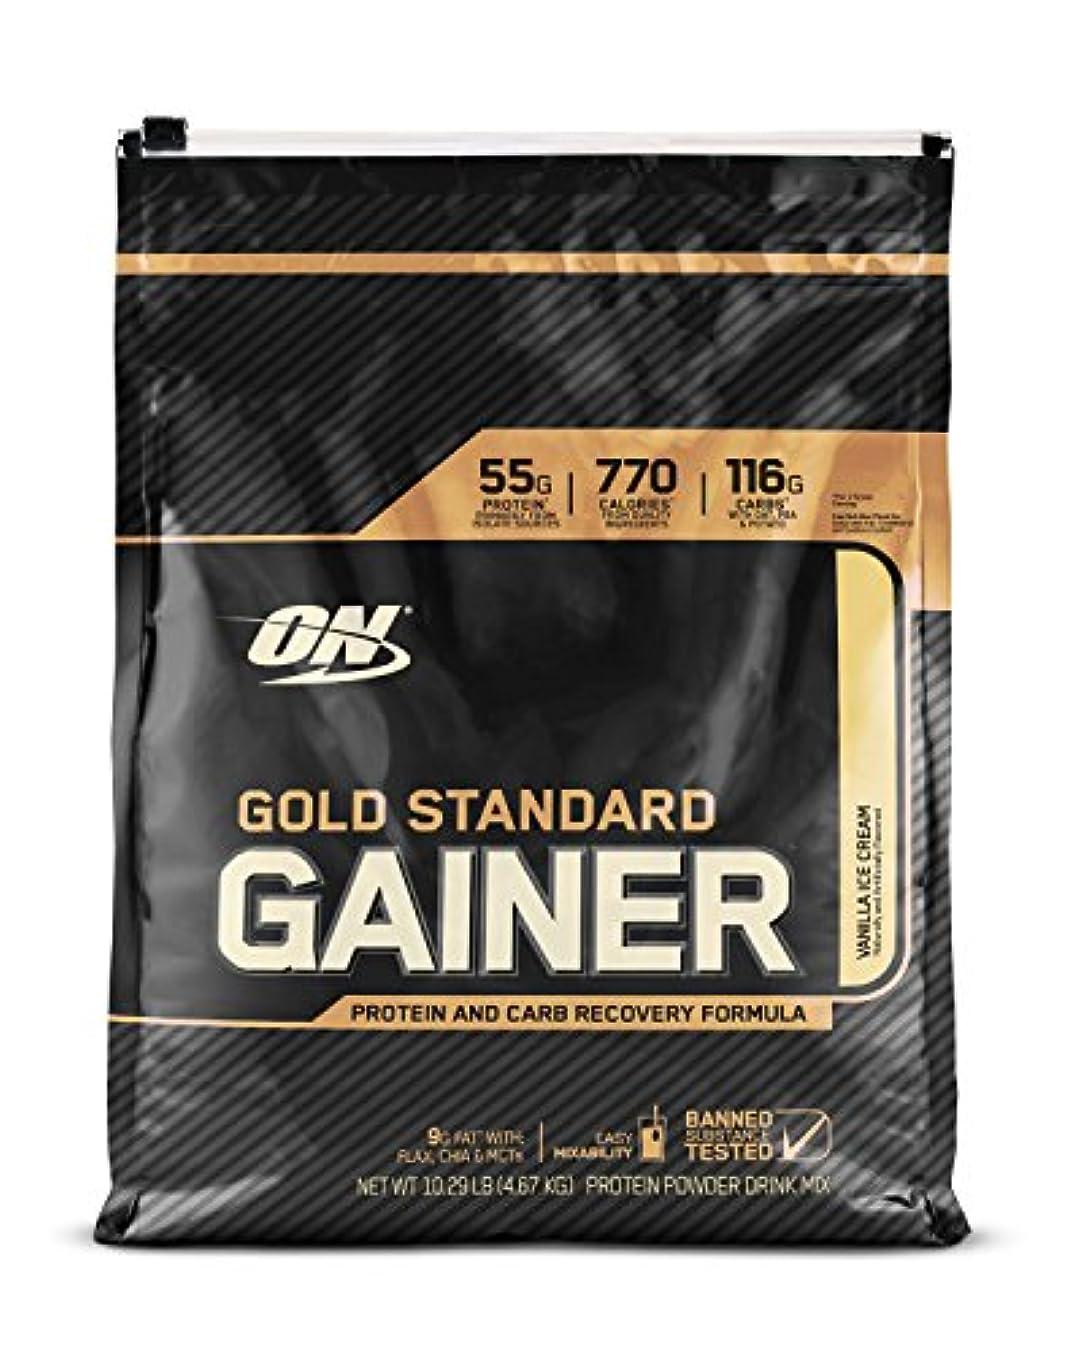 抽出洞察力のある抵抗力があるゴールドスタンダード ゲイナー 10LB バニラアイスクリーム (Gold Standard Gainer 10LB Vanilla Ice Cream) [海外直送品] [並行輸入品]